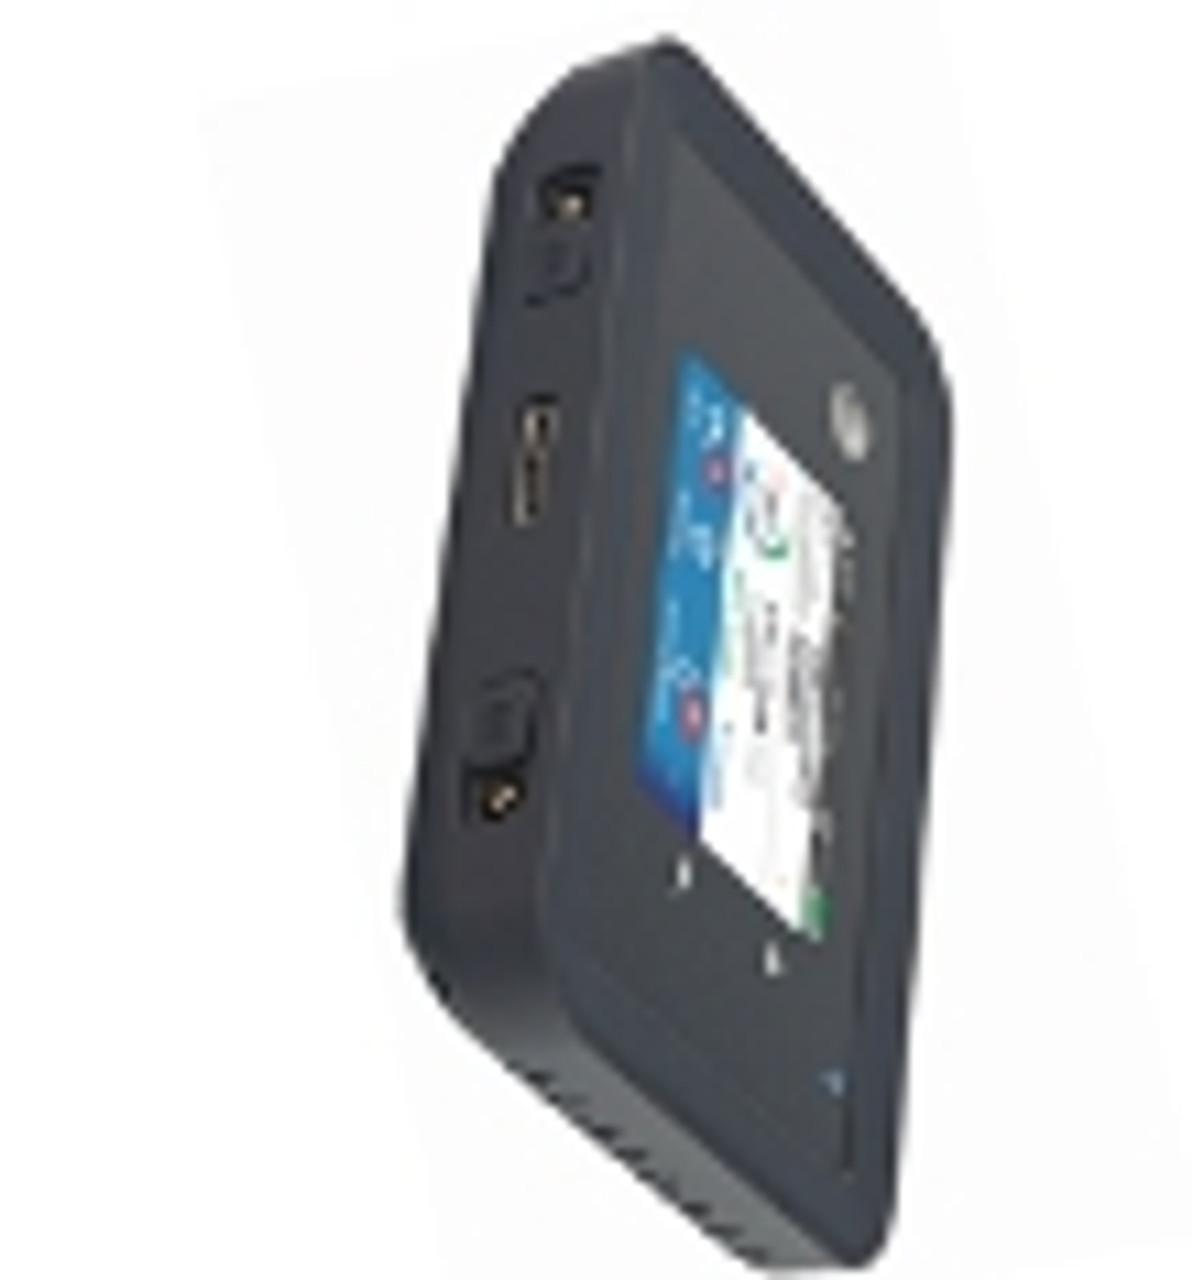 AT&T Unite Explore AC815s Antennas Boosters